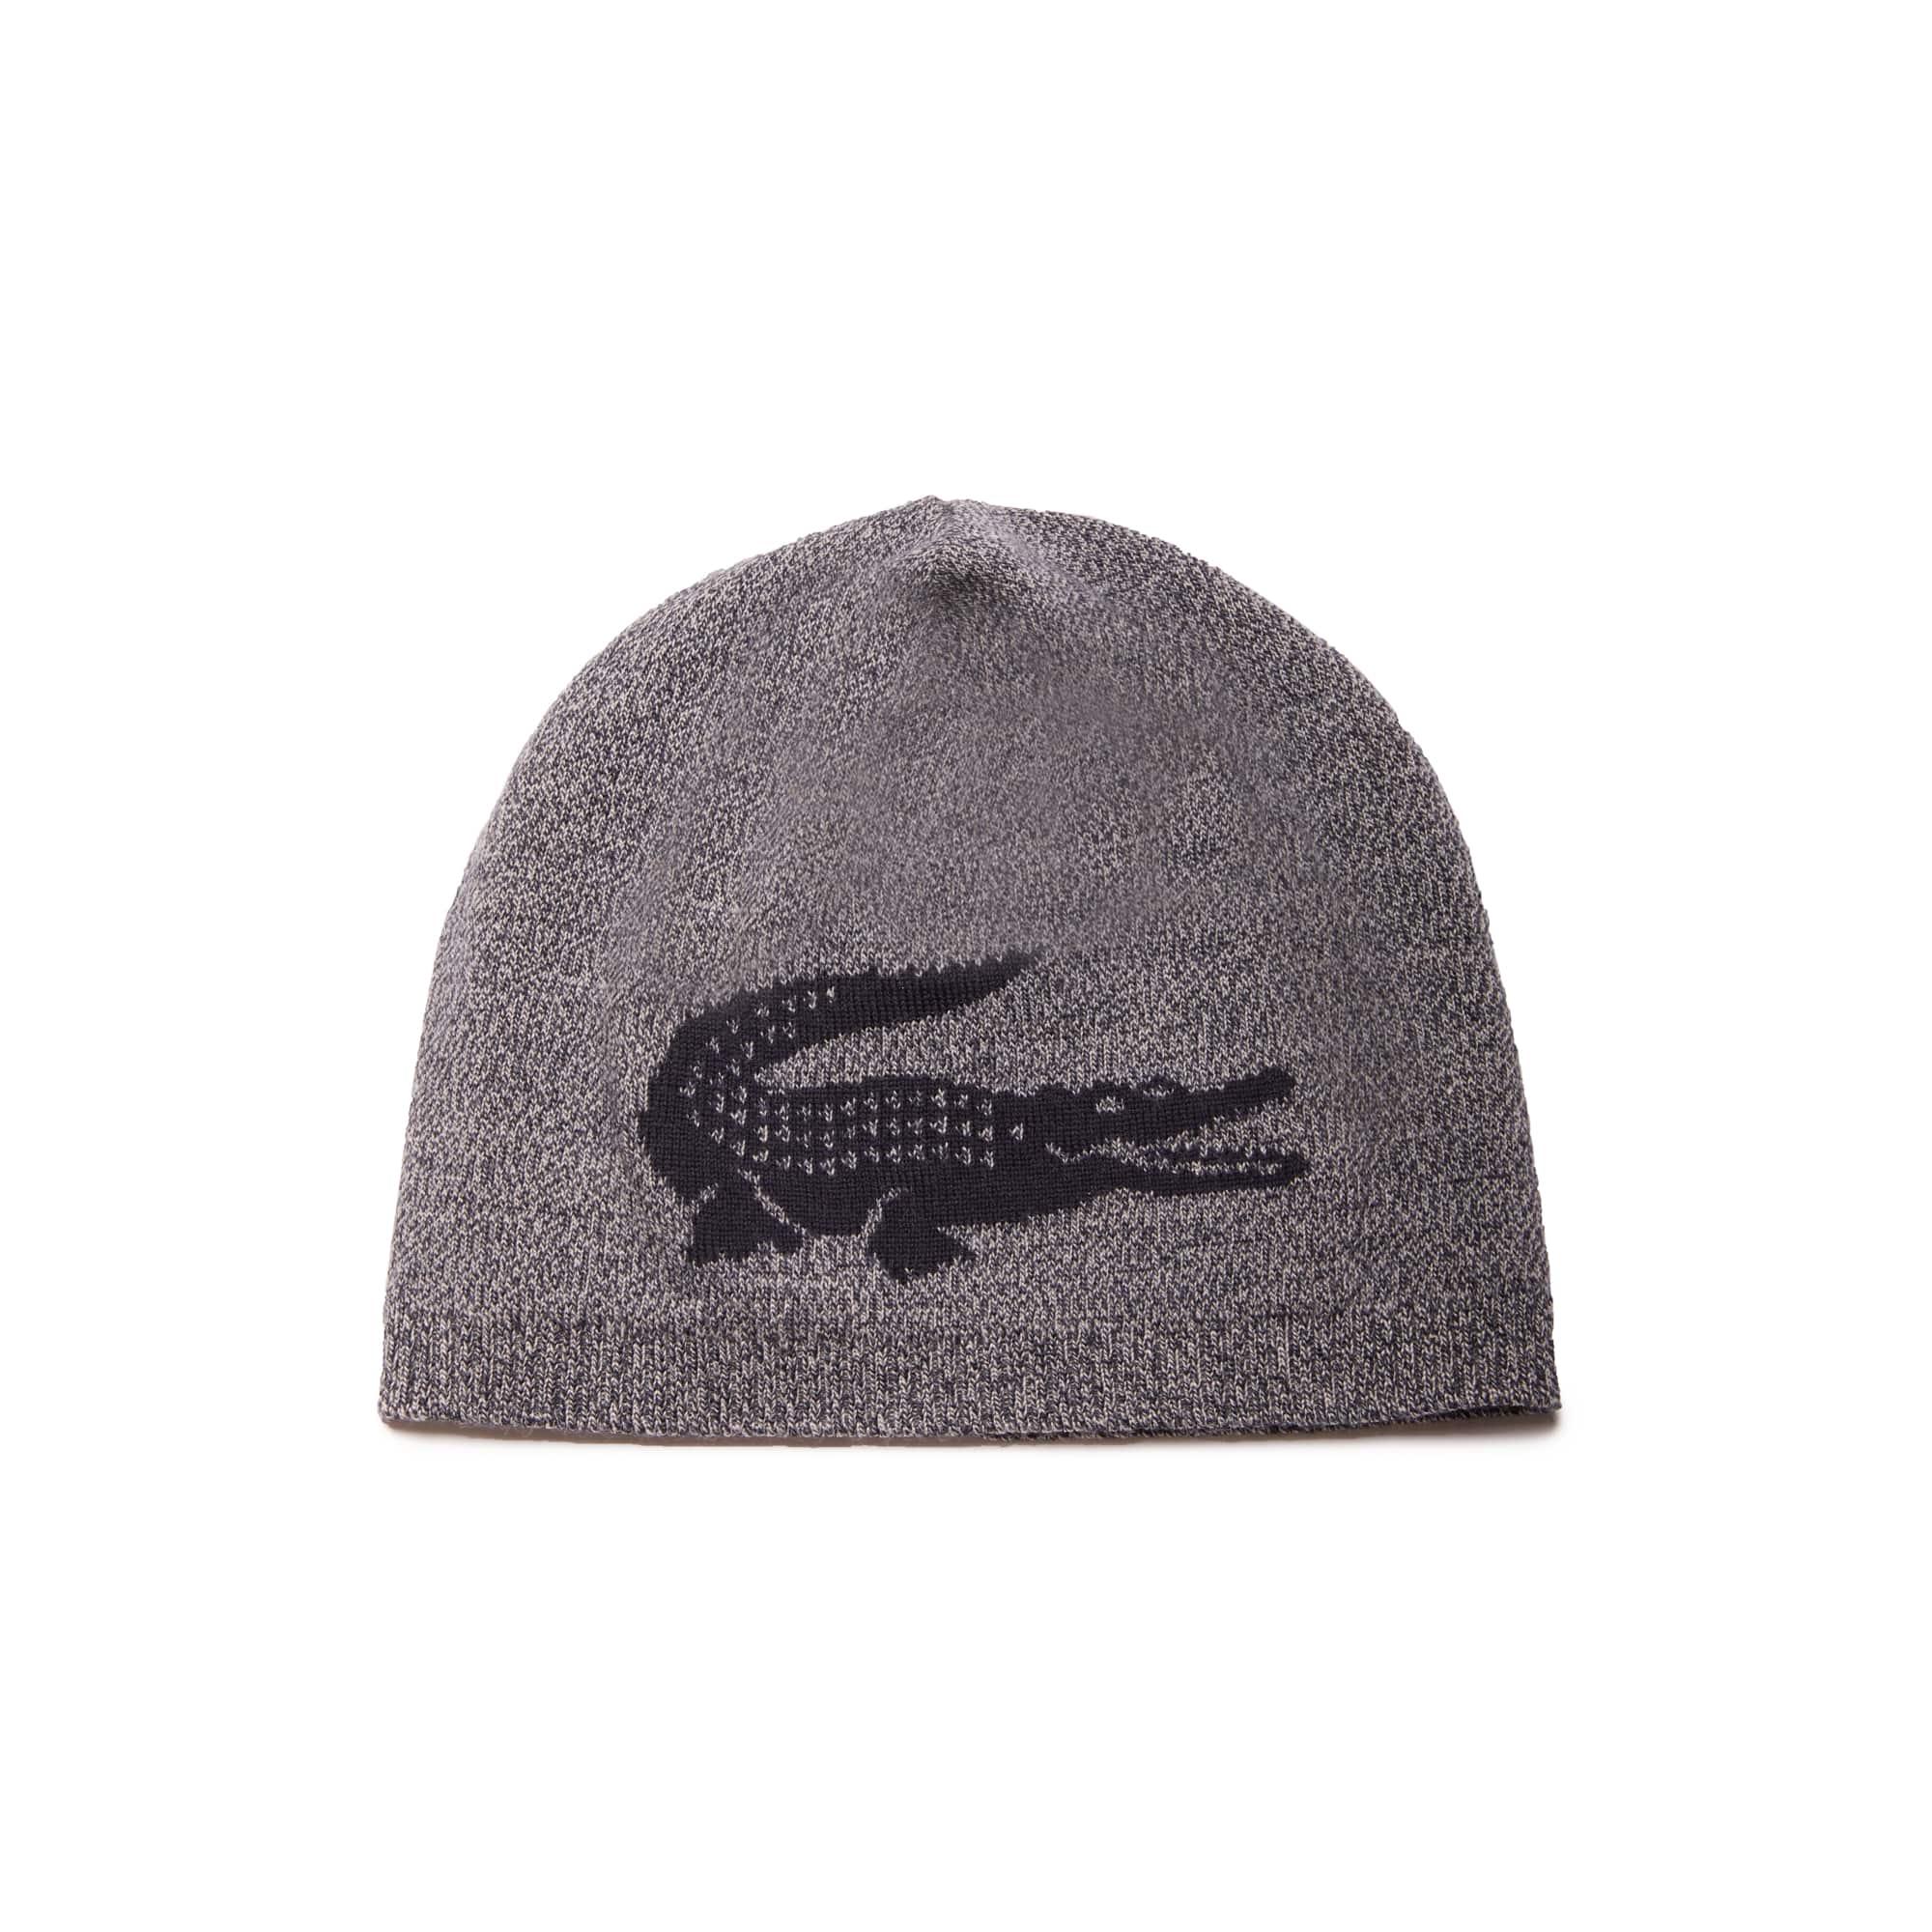 Herren-Mütze aus Woll-Jacquard mit Krokodil